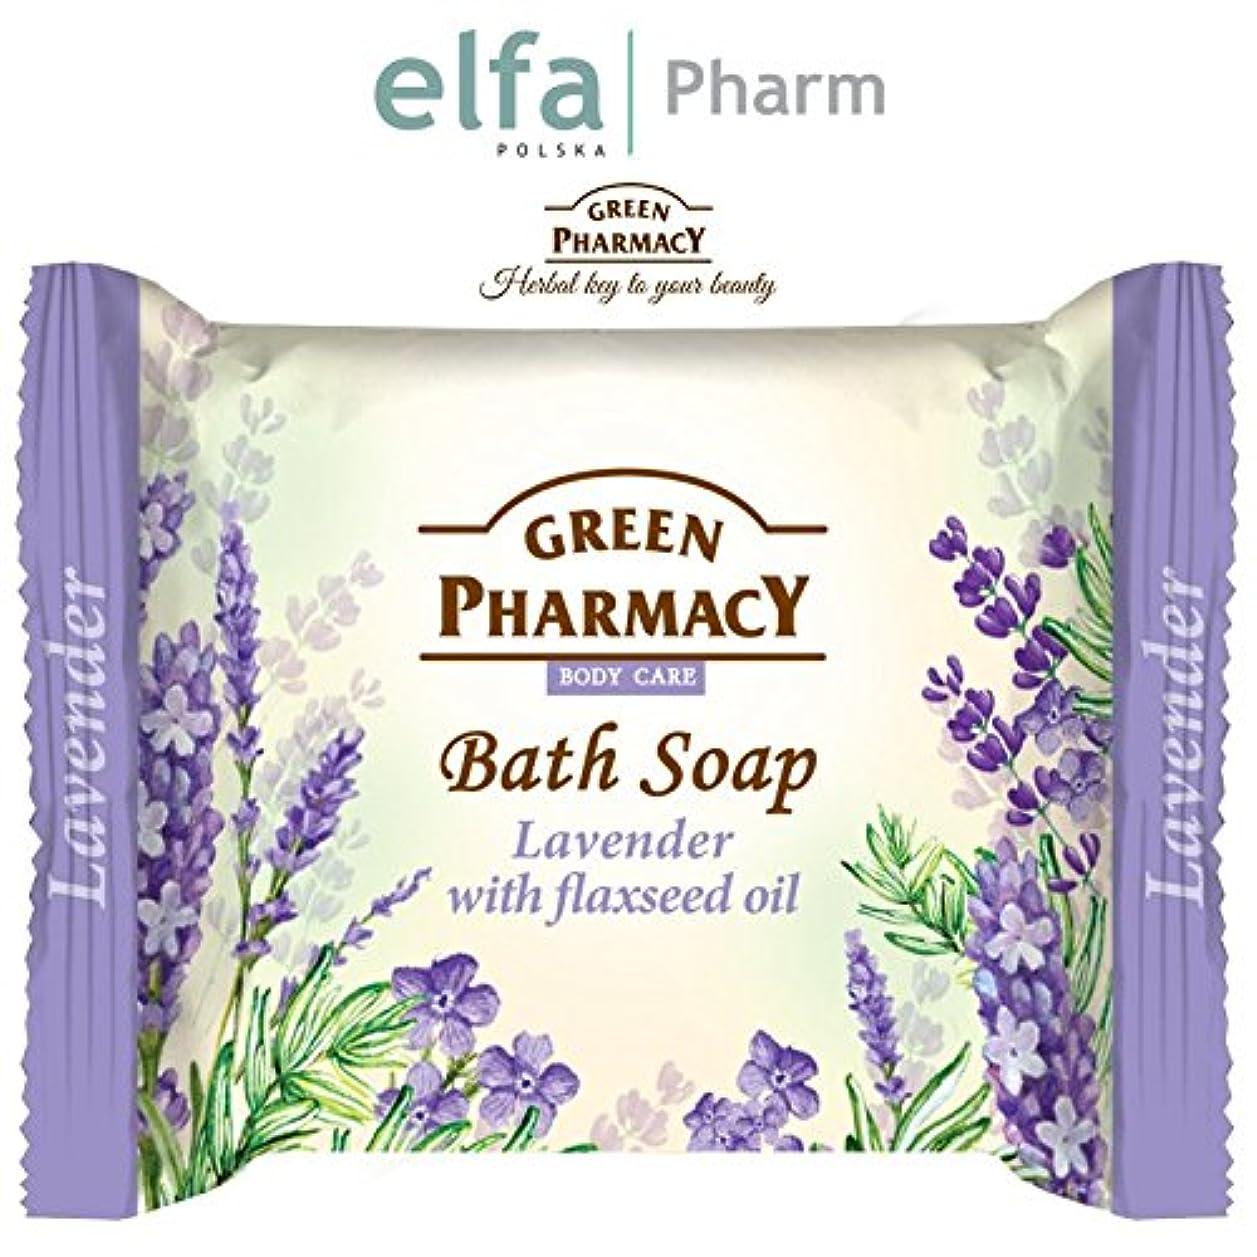 ドーム結果としてライブ石鹸 固形 安心?安全 古代からのハーブの知識を生かして作られた固形せっけん ポーランドのグリーンファーマシー elfa Pharm Green Pharmacy Bath Soap Lavender with Flaxseed...